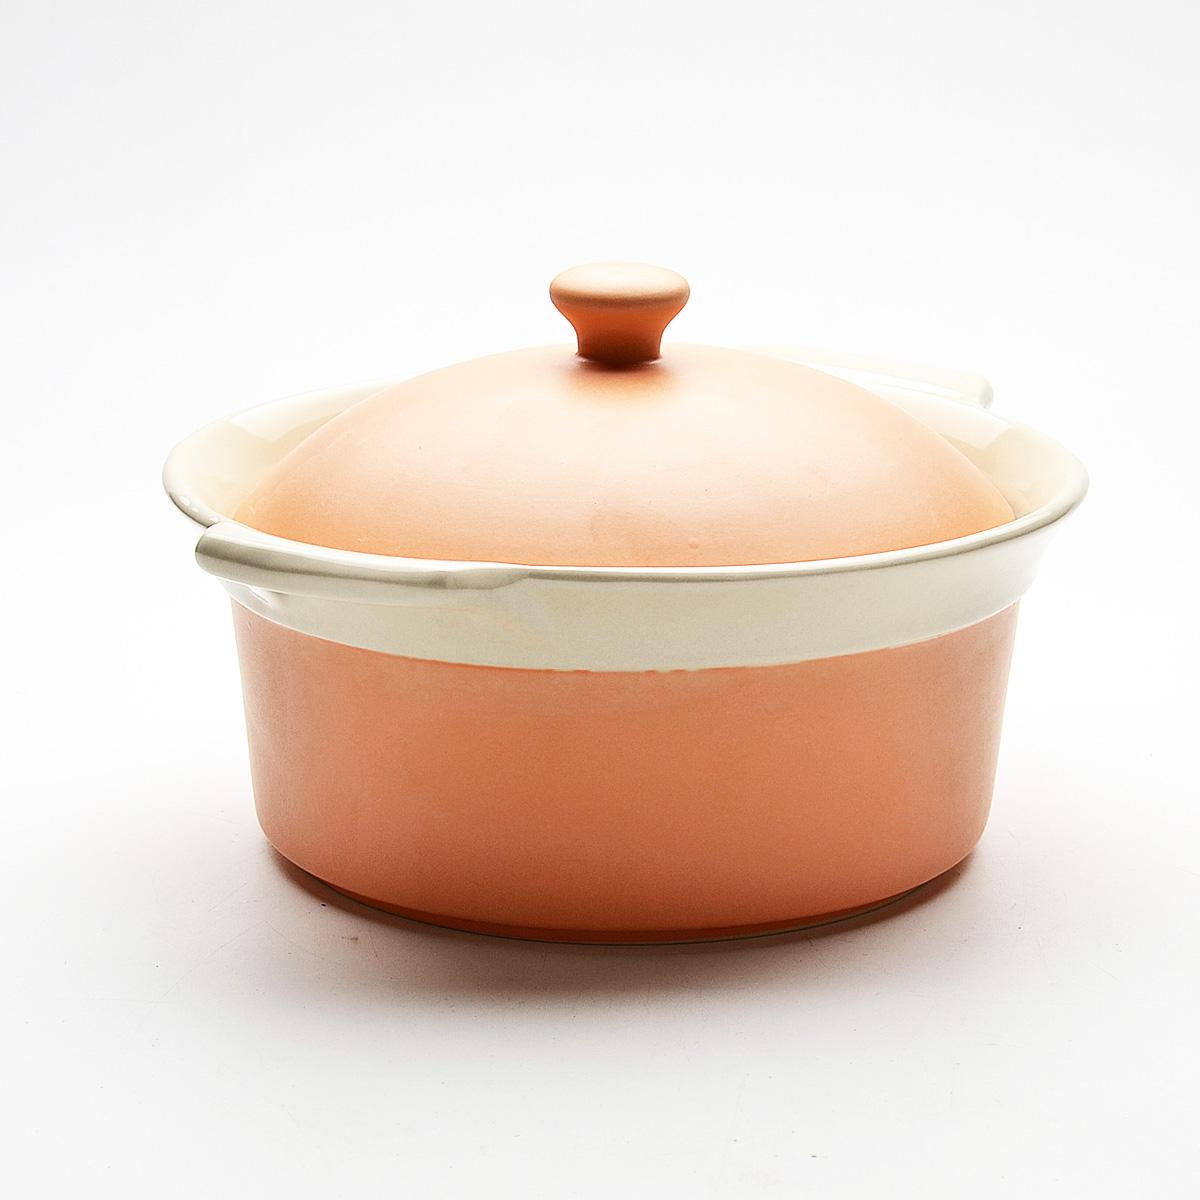 Жаровня Mayer & Boch с крышкой, цвет: оранжевый, 2,3 л. 2181521815Жаровня Mayer & Boch, изготовленная из жаропрочной керамики, подходит для любого вида пищи. Элегантный дизайн идеально подходит для современного дома. В комплект входит крышка из керамики. Глиняные ручки обеспечивают надежный захват.Изделия из керамики идеально подходят как для приготовления пищи, так и для подачи на стол. Материал не содержит свинца и кадмия. С такой жаровней вы всегда сможете порадовать своих близких оригинальным блюдом.Жаровню можно использовать на газовой, электрической плите, в микроволновой печи, в духовом шкафу, замораживать в холодильнике. Можно мыть в посудомоечной машине.Размер (с учетом ручек): 29,3 см х 25,3 см.Высота стенок: 11 см.Толщина стенок: 6-7 мм. Диаметр основания: 19 см.